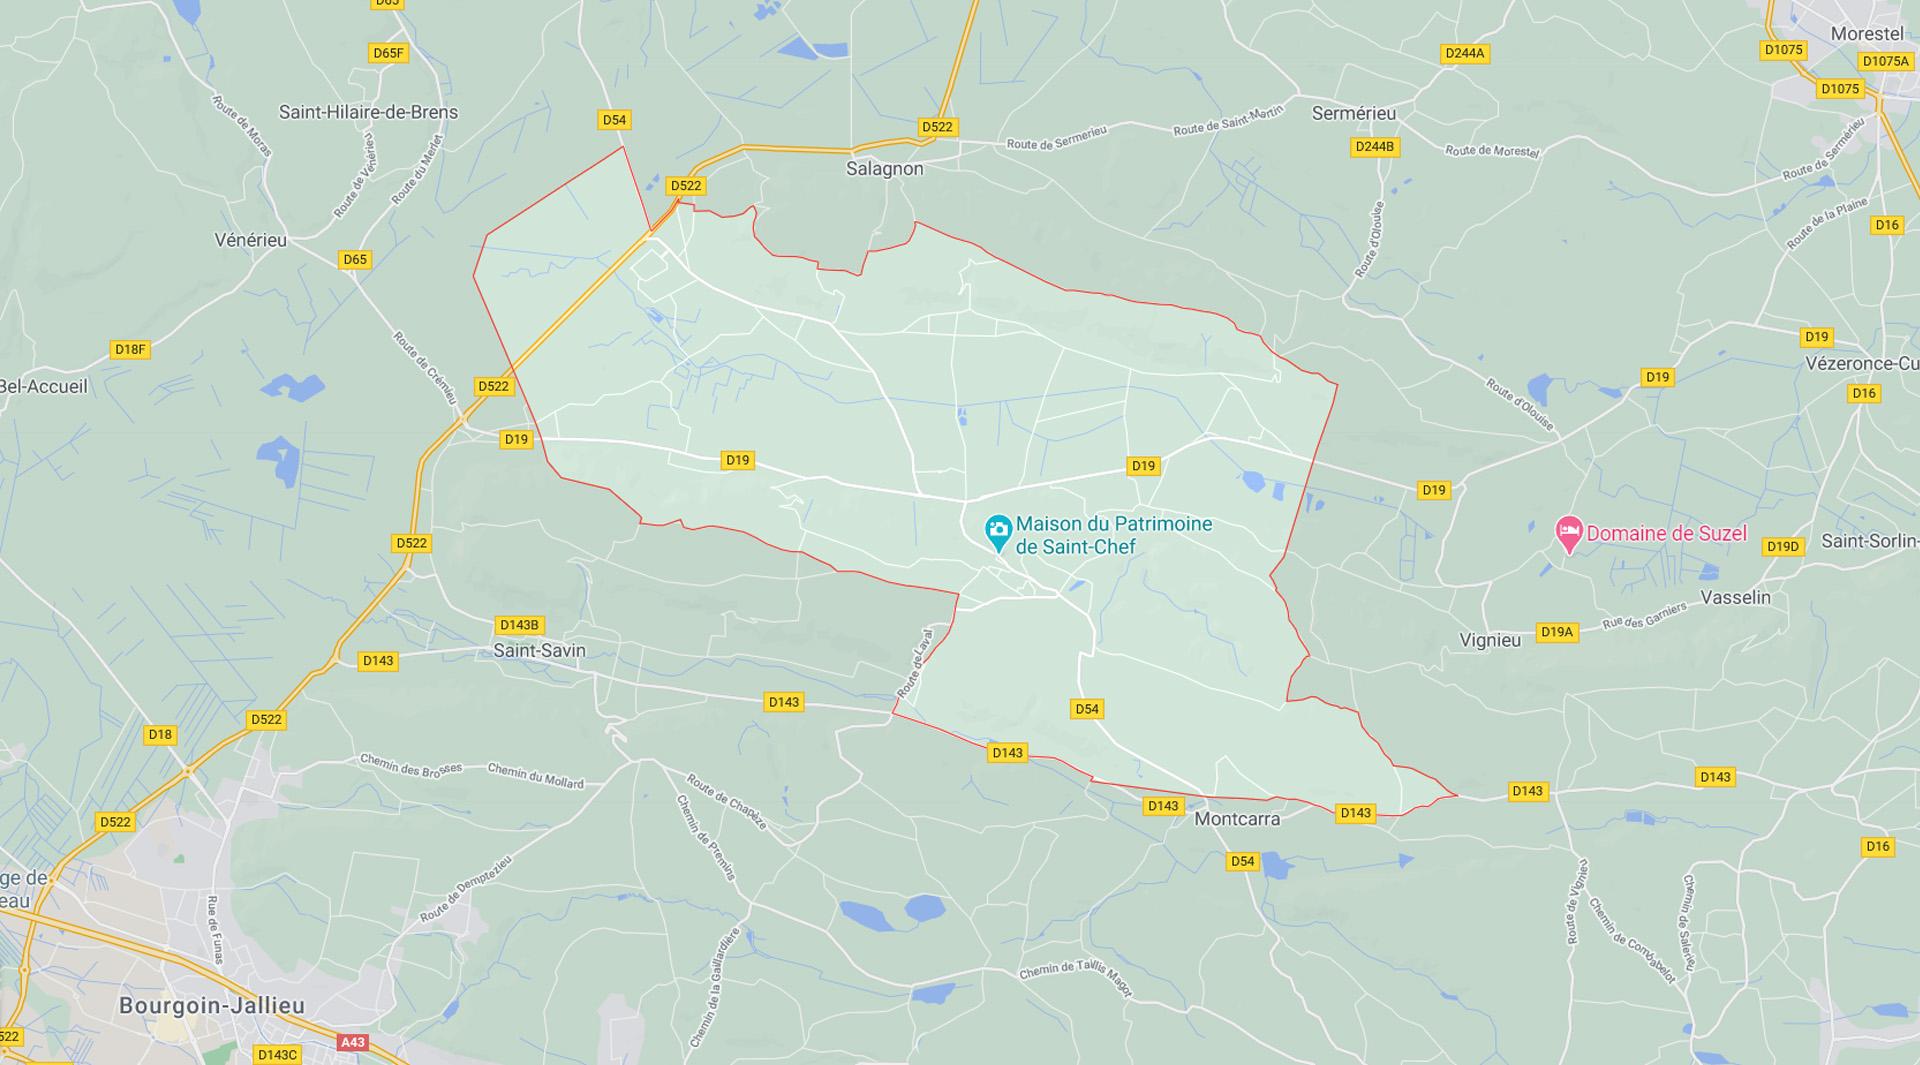 Contact : Cliquez pour agrandir et consulter le plan sur Google Maps